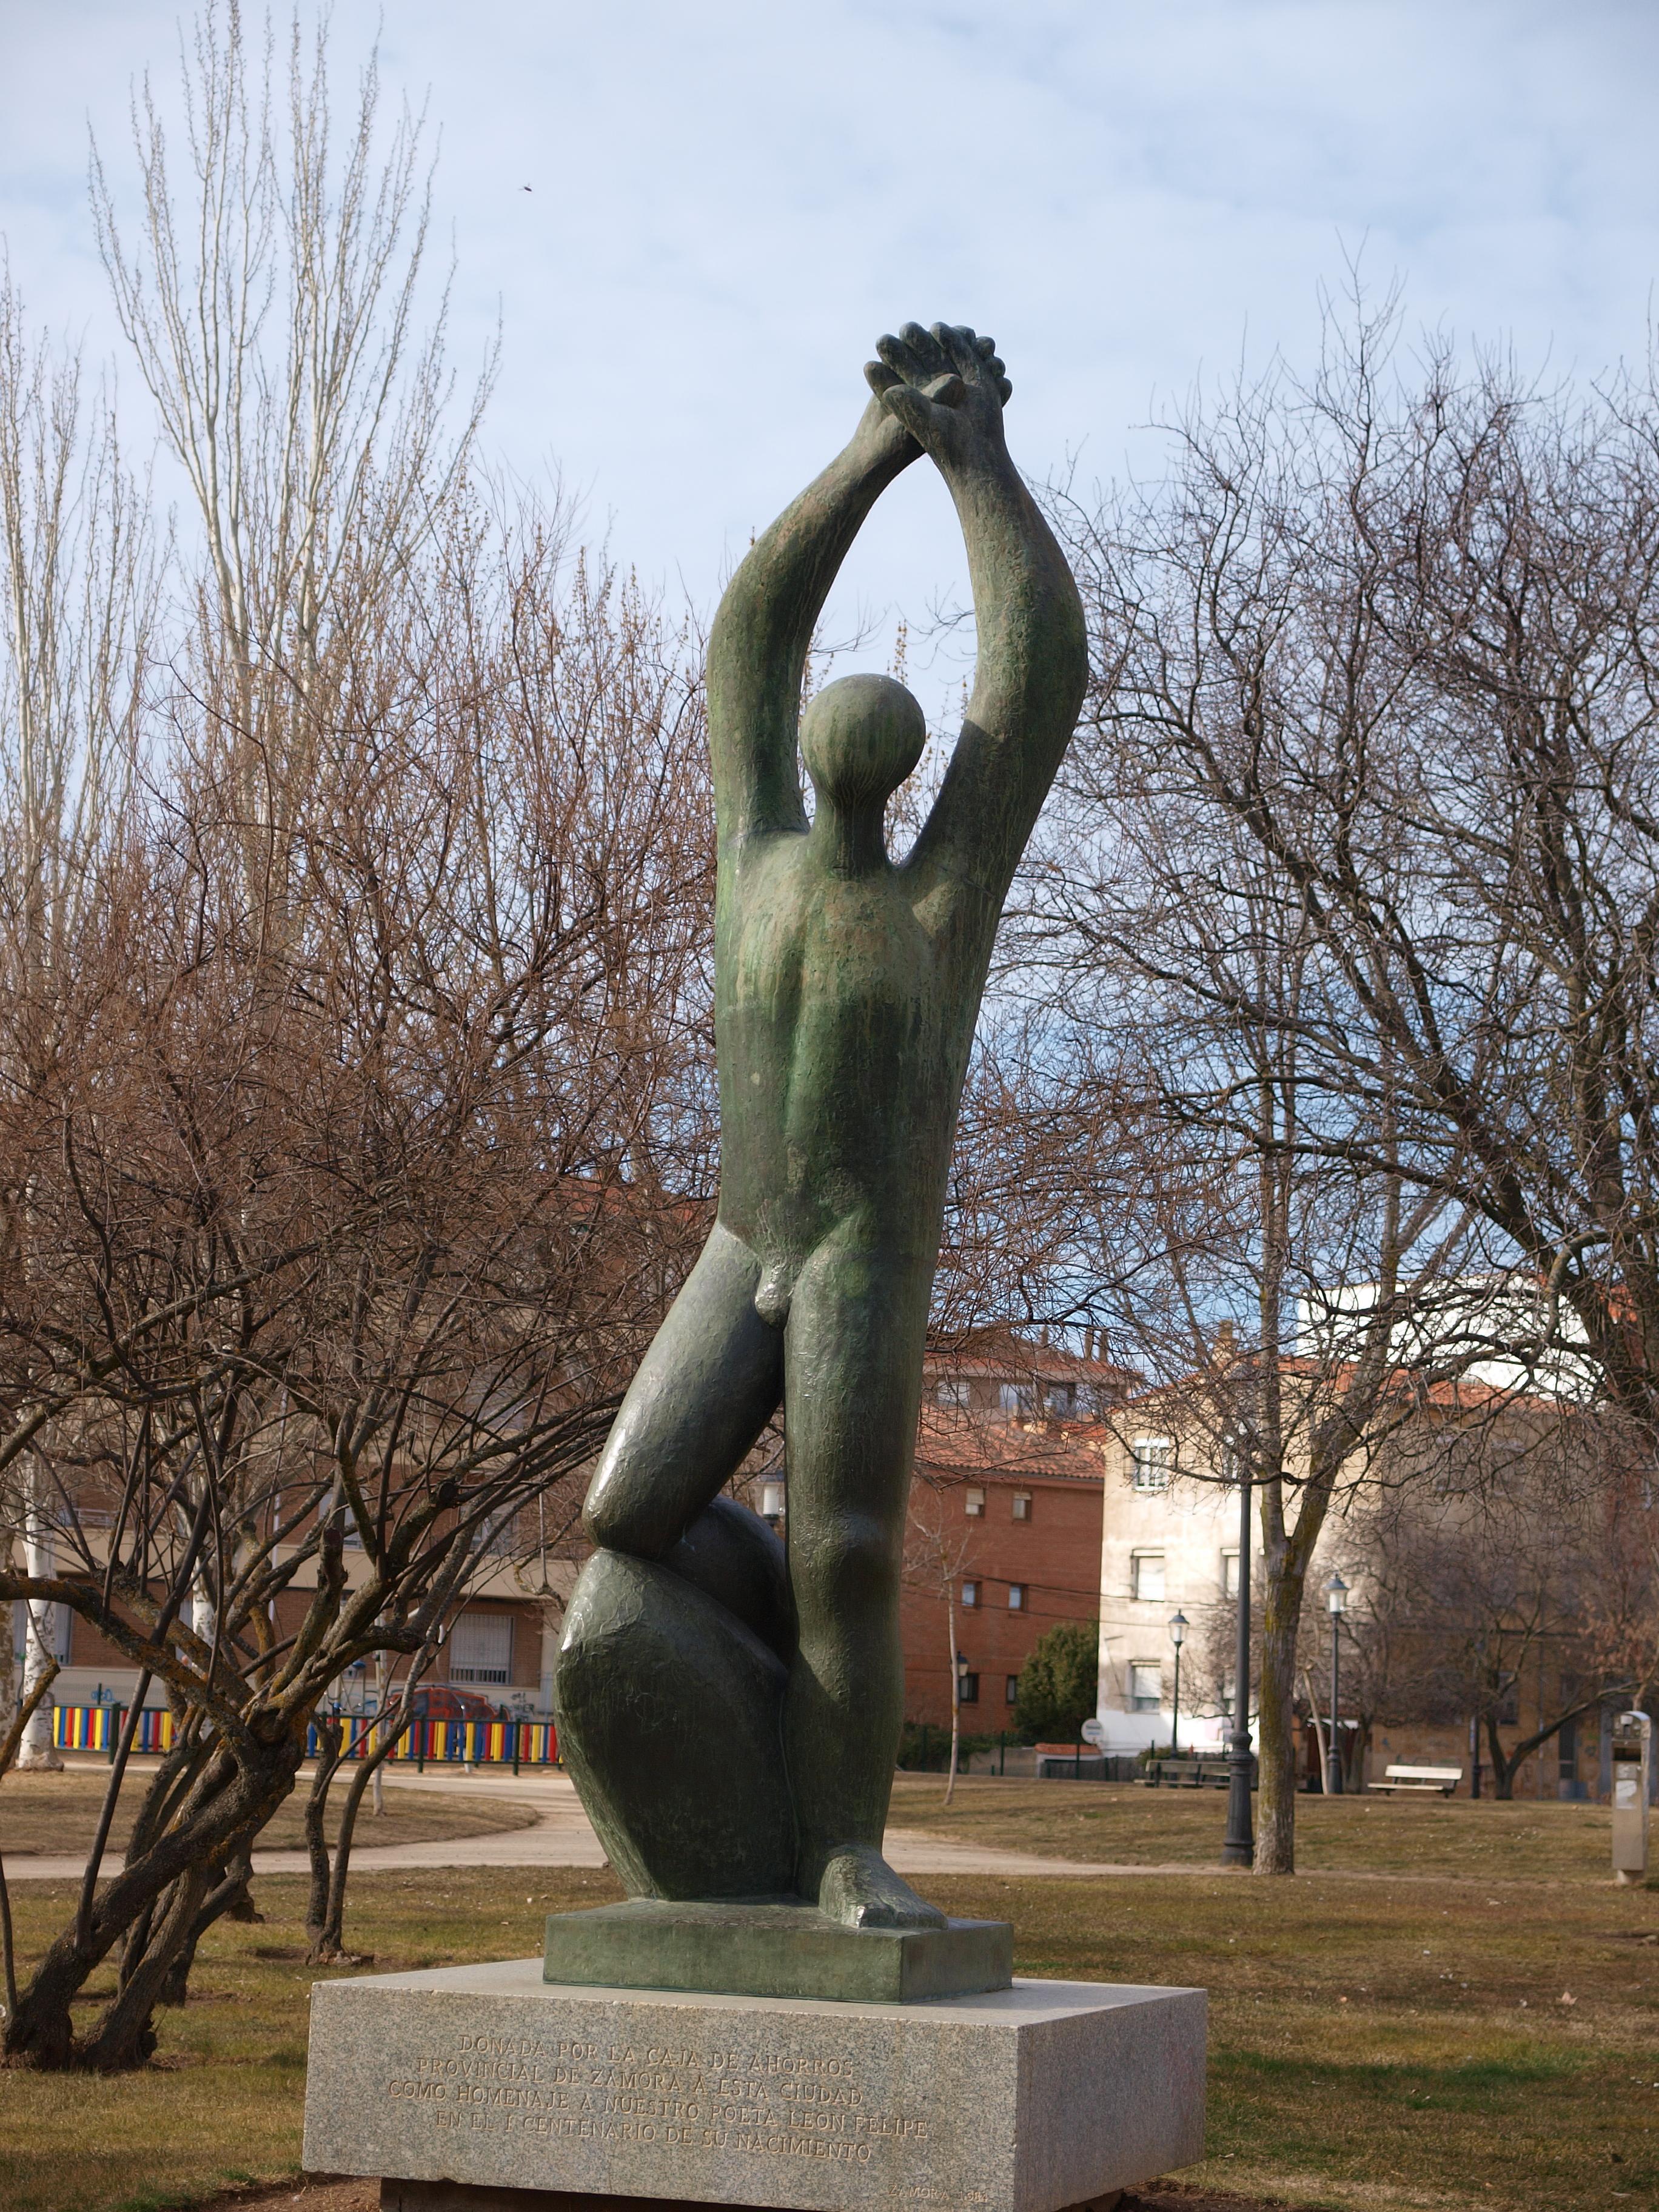 Homenaje en el centenario de su nacimiento (Zamora, España, 1984); escultura de Baltasar Lobo.